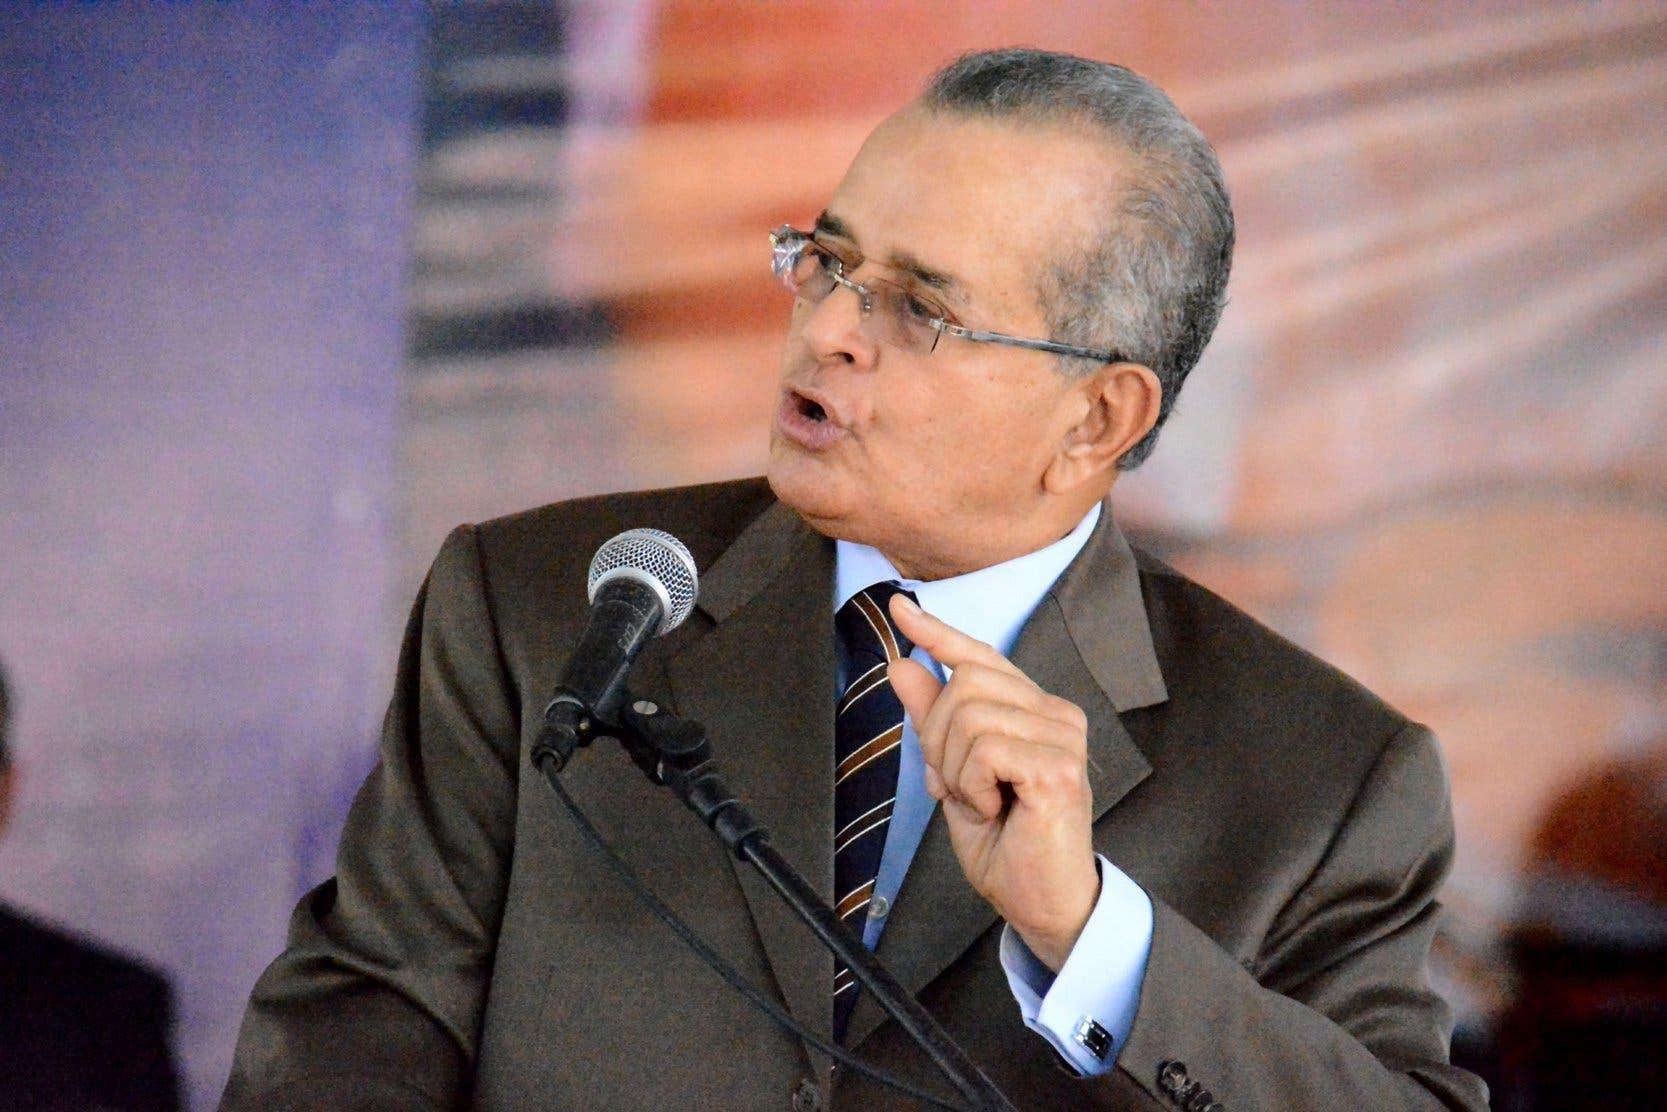 Franklin Almeyda le dice «boca sucia» a Hipólito Mejía tras pedido de explicación de fondos de Funglode a Leonel Fernández